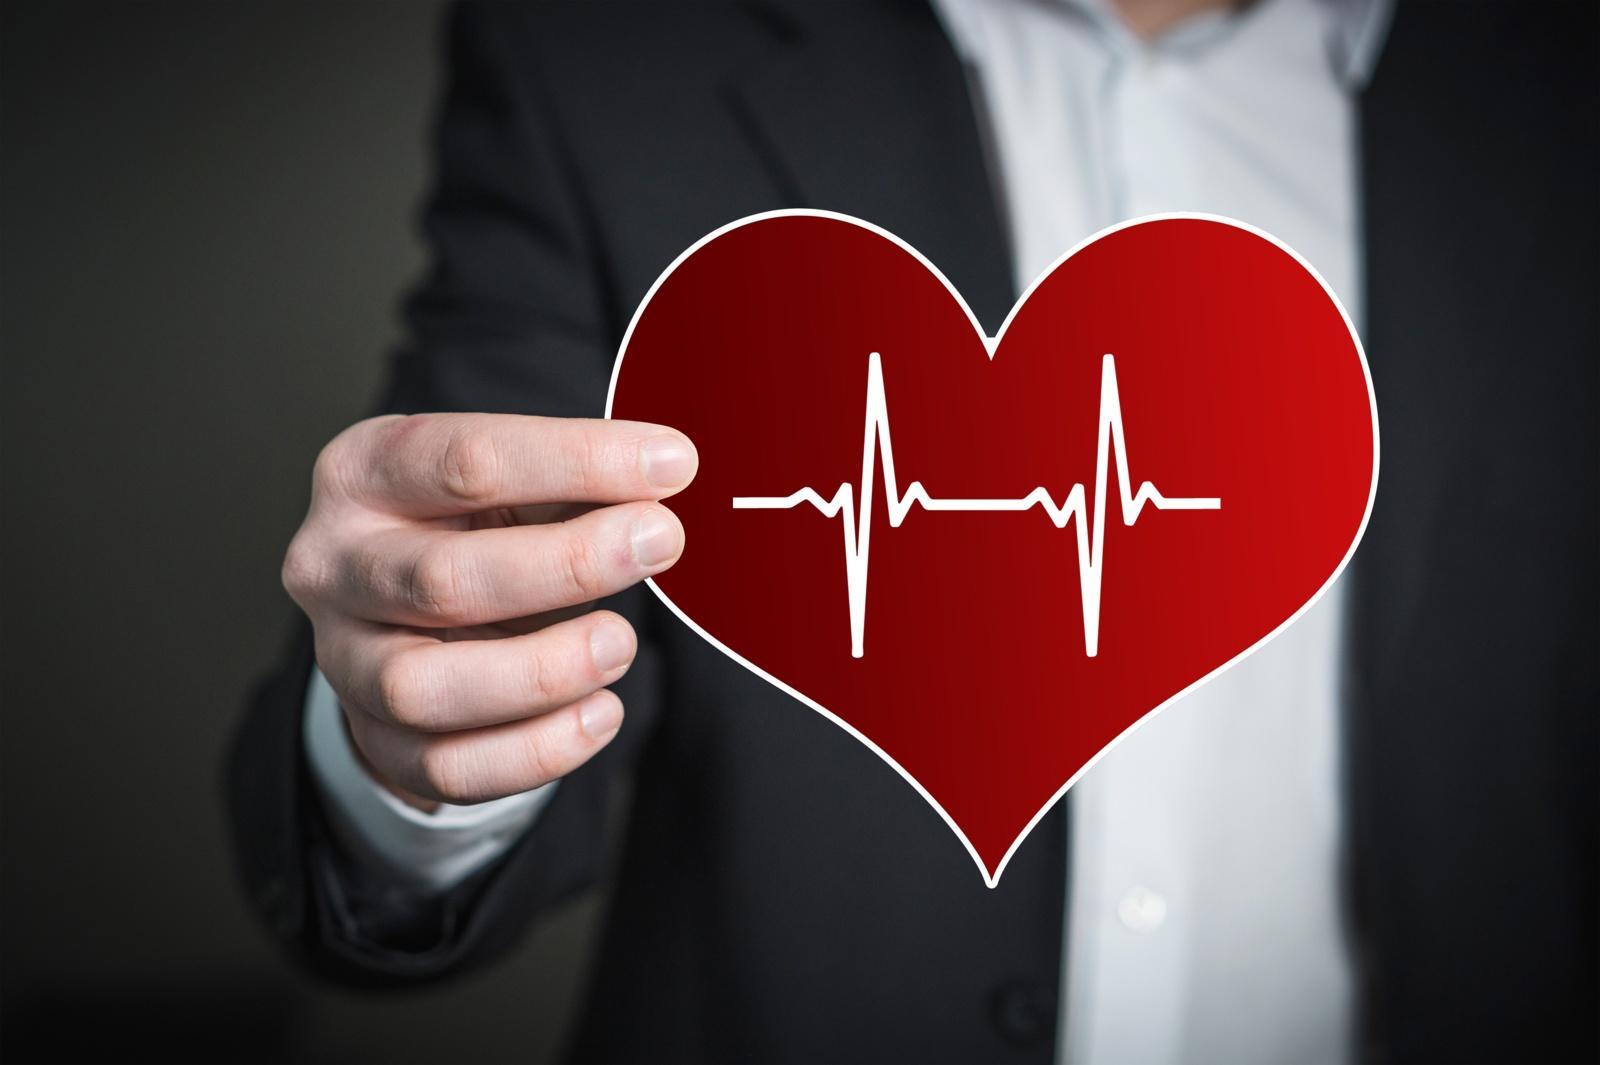 hipertenzija ir oro drėgmė savimasažo, skirto hipertenzijai, nuotraukos